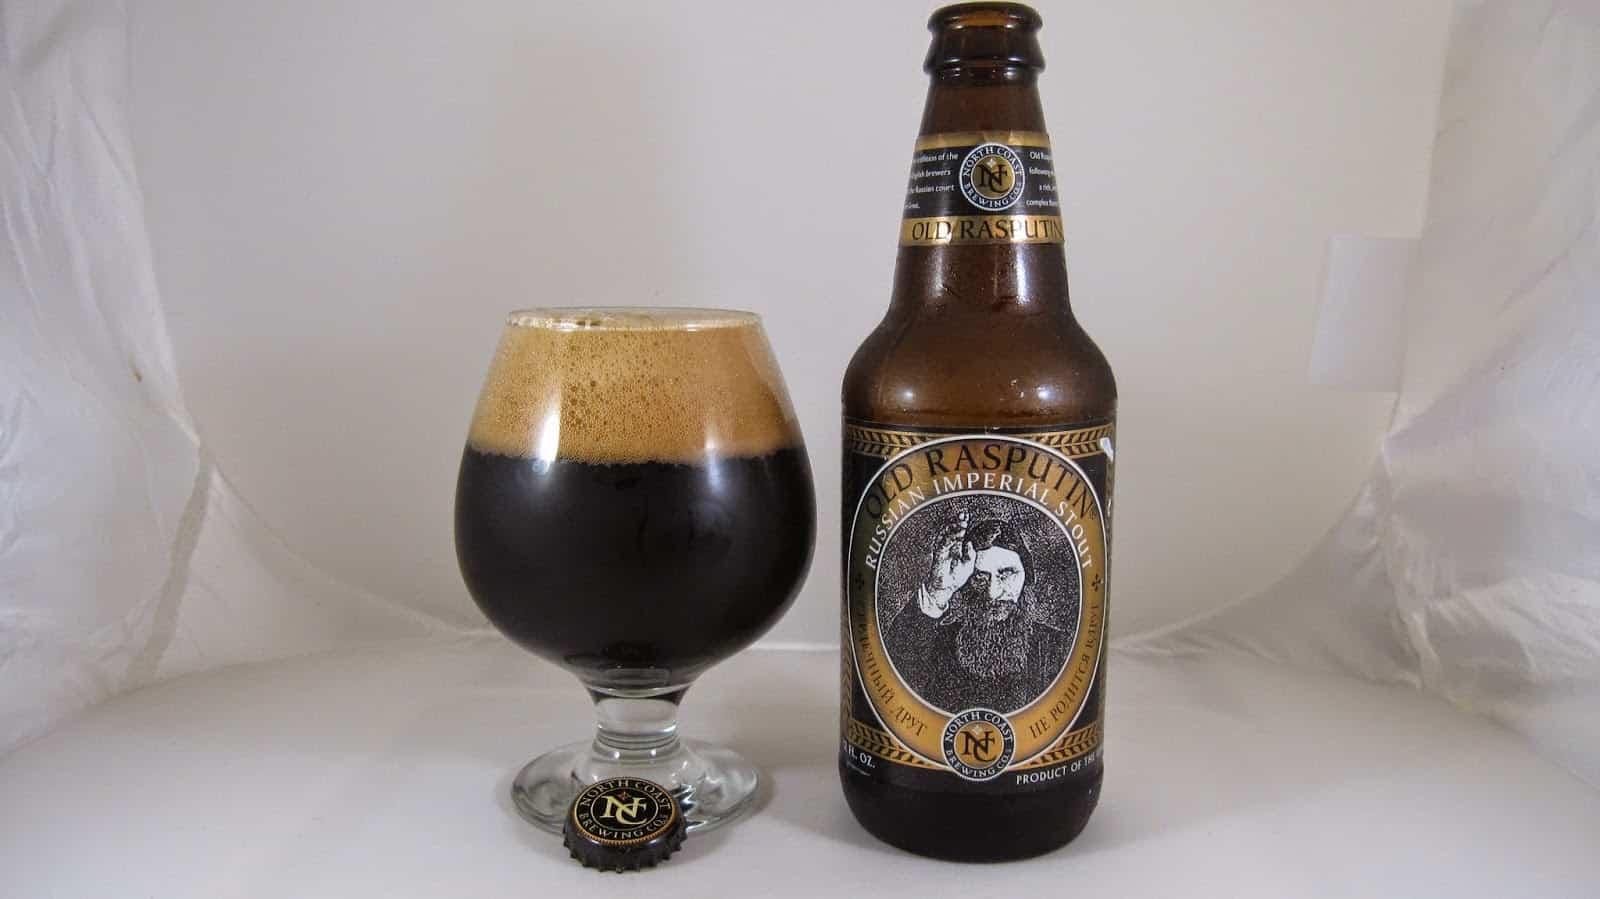 North Coast's Old Rasputin – best tasting beer